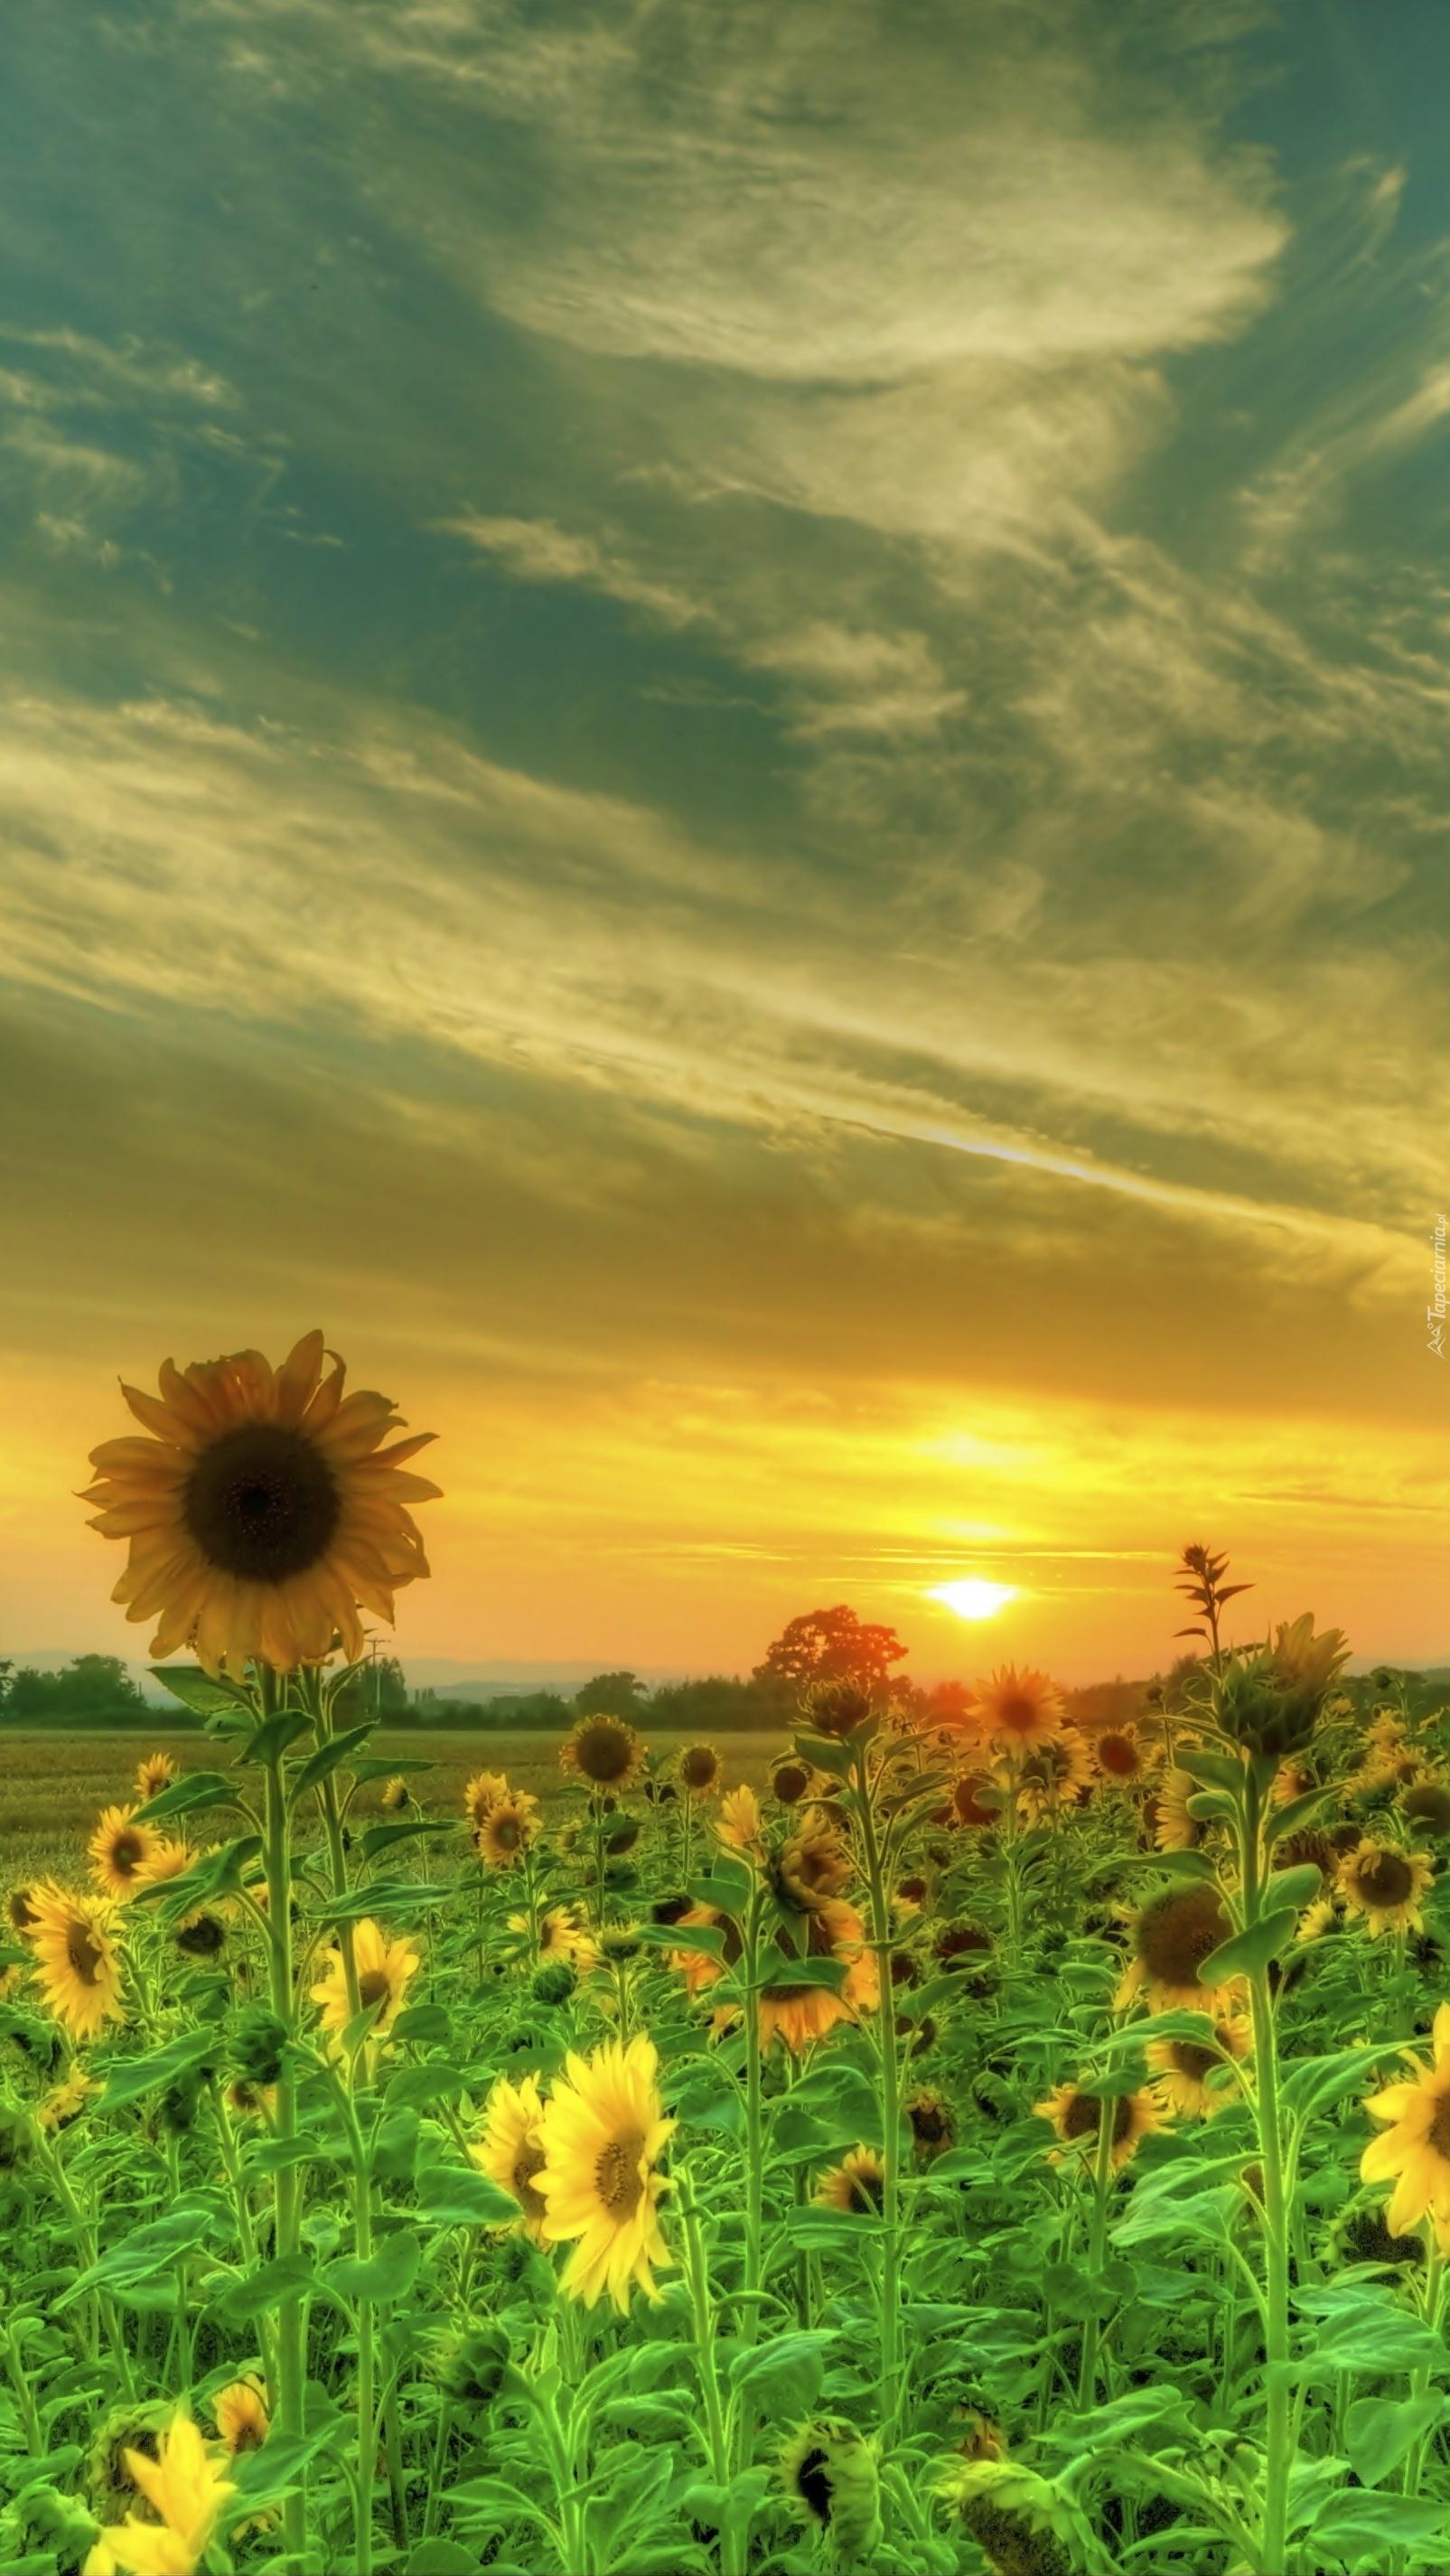 Słonecznikowy zachód słońca